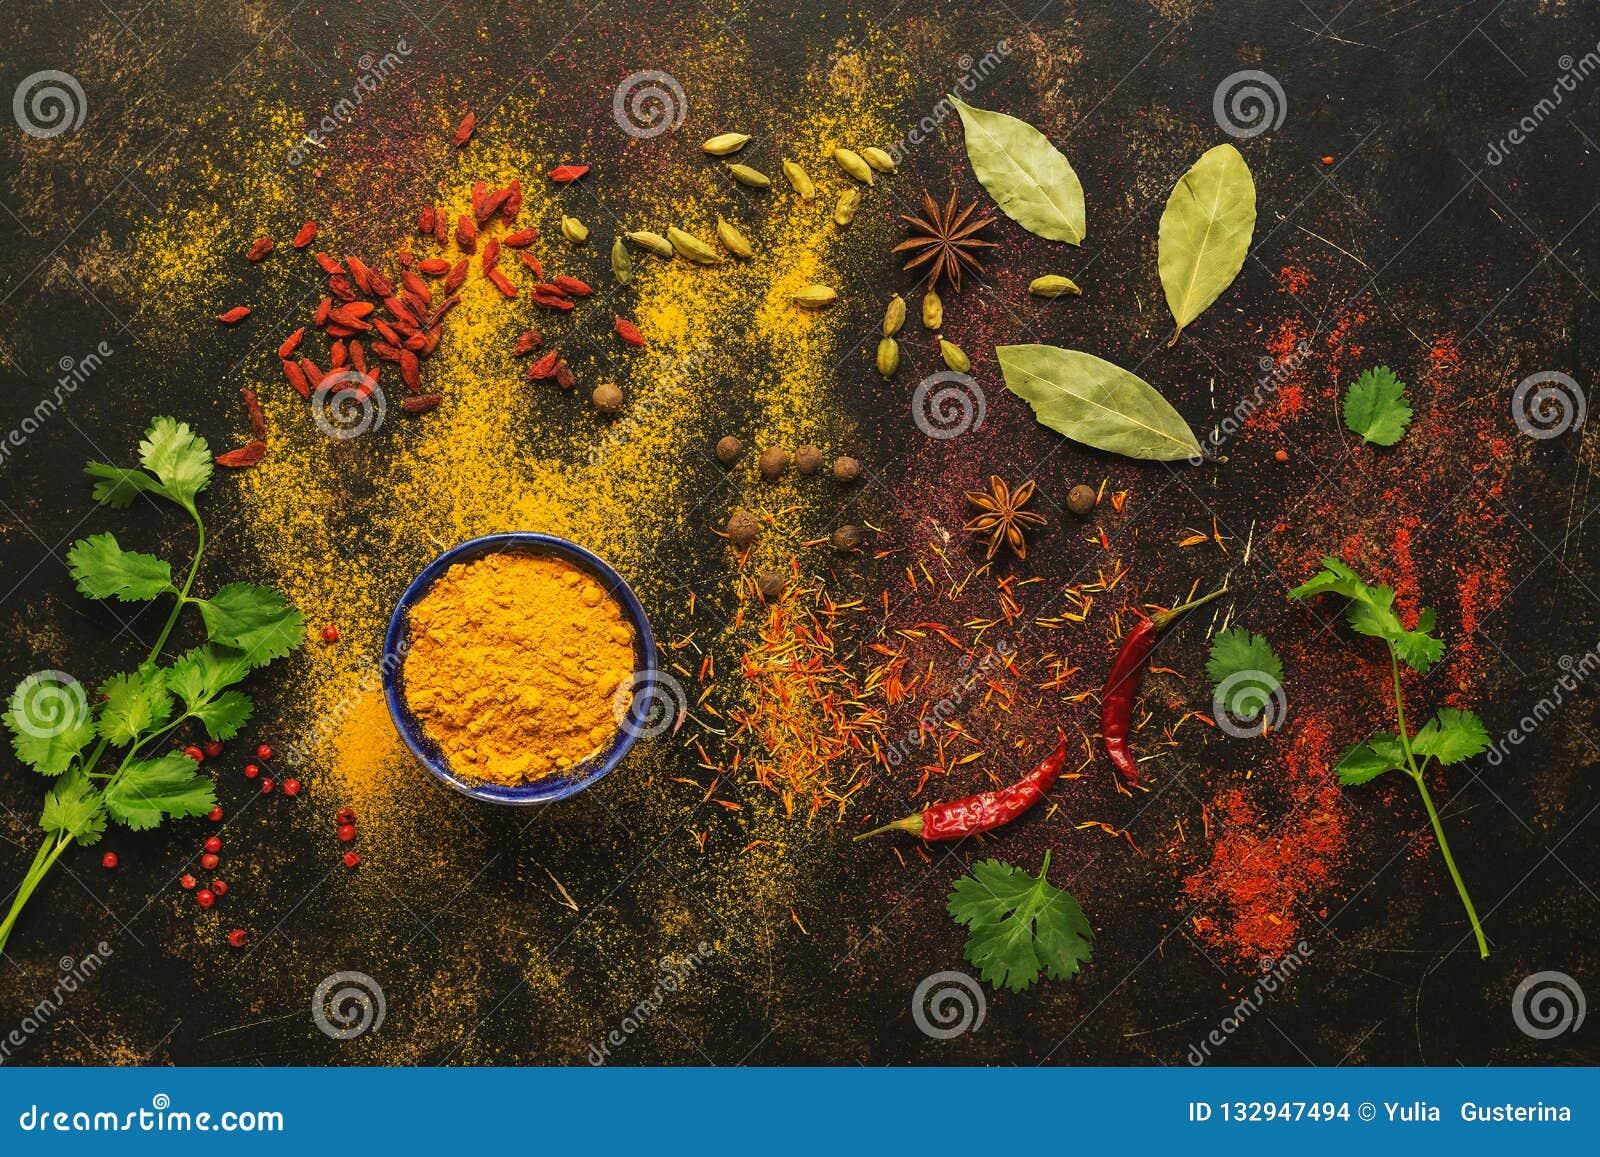 Épices sur un fond foncé, safran des indes, safran, cardamome, poivre de piment, paprika, cilantro, feuille de laurier Un grand c